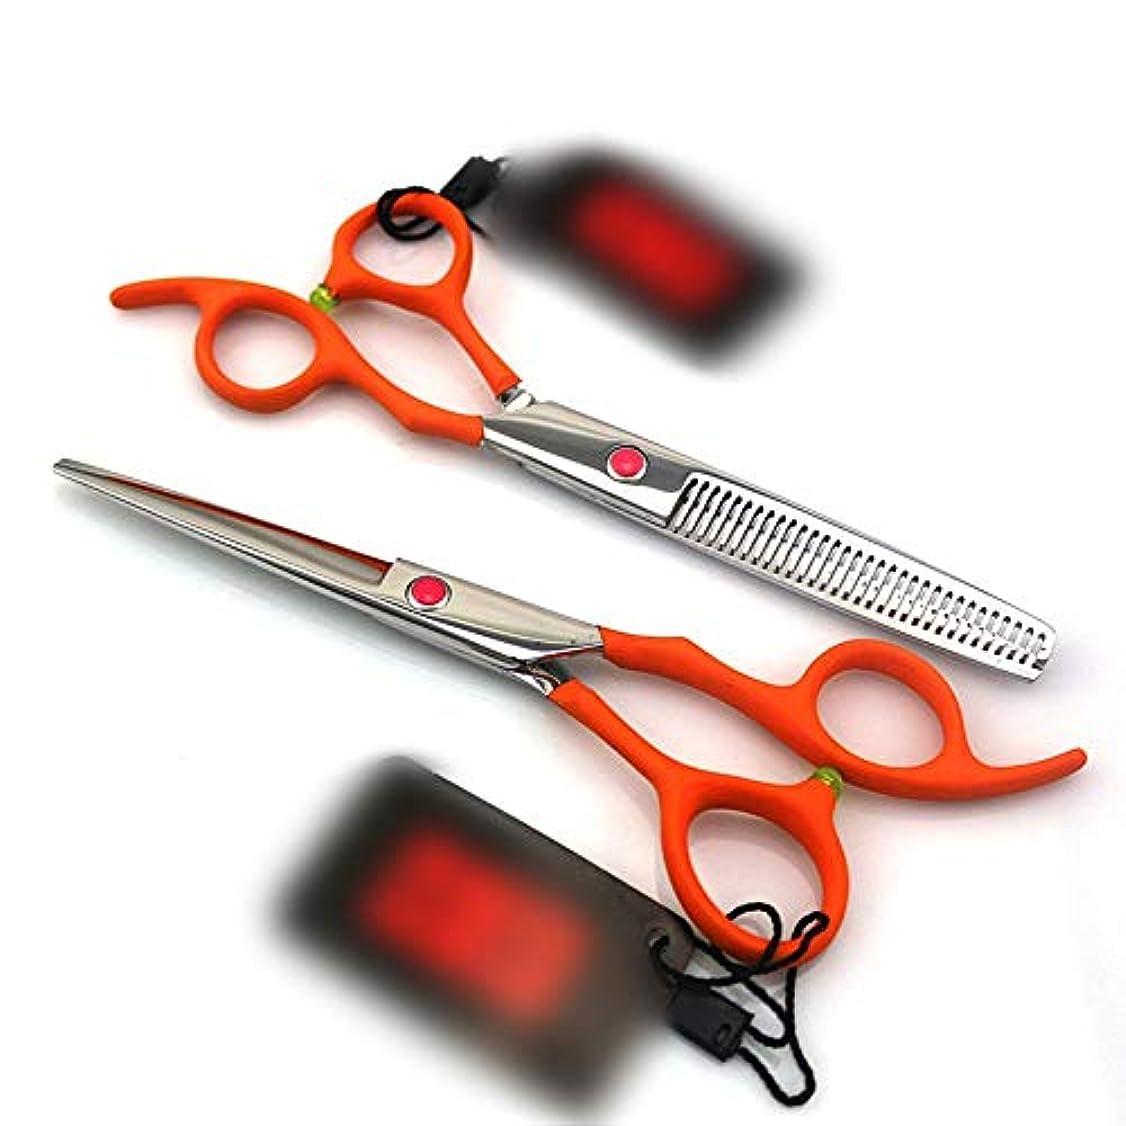 くびれた間欠プレゼンHairdressing 6.0インチのオレンジ専門の理髪はさみ、平らな+歯はさみの理髪用具の毛の切断はさみのステンレス製の理髪師のはさみ (色 : オレンジ)